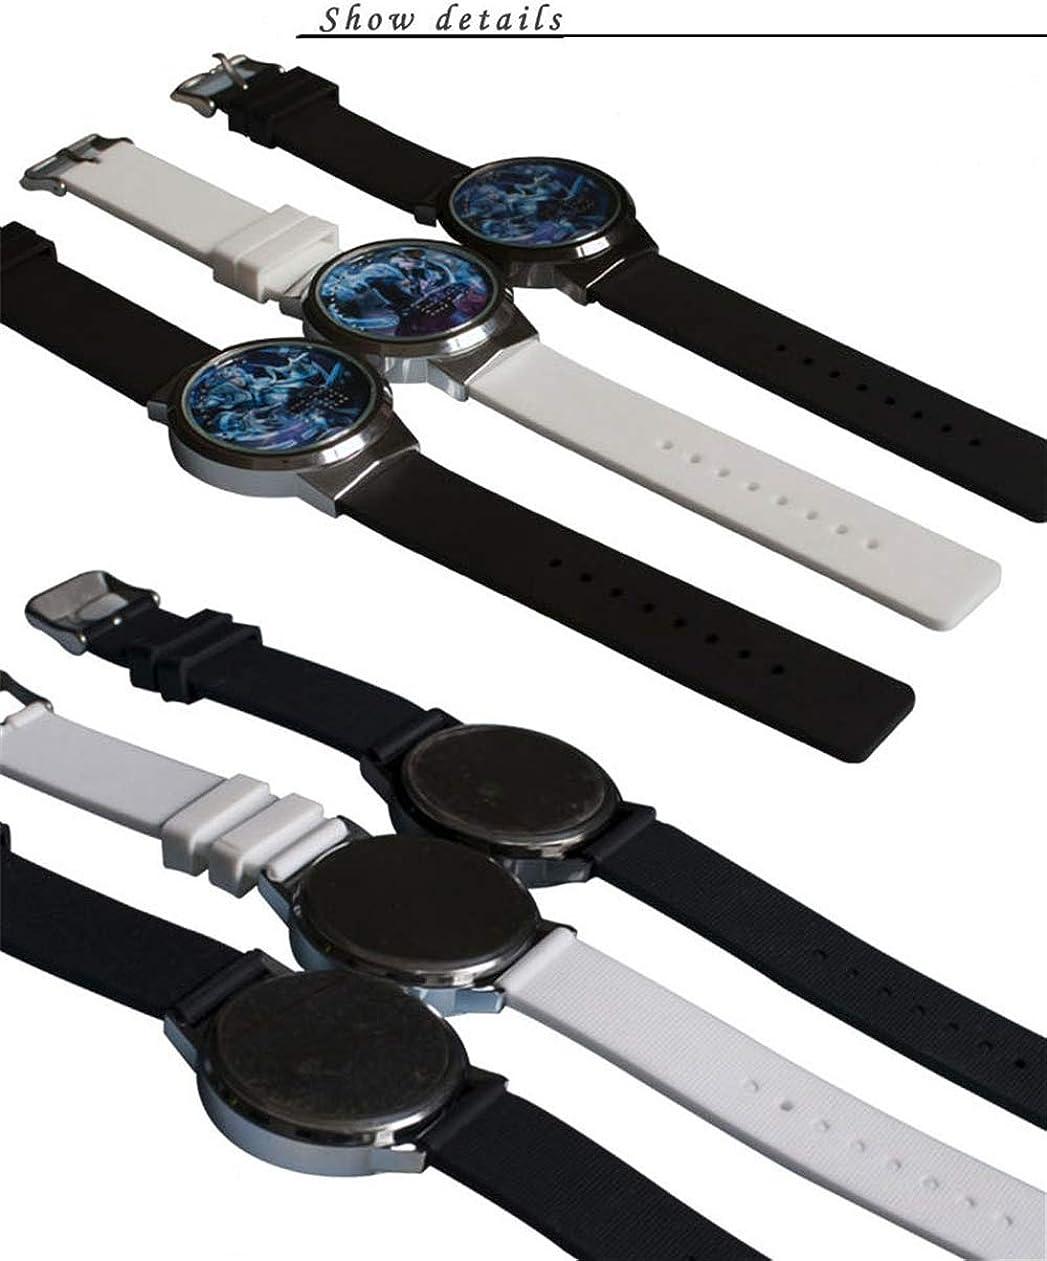 Montres Homme,Montre À Écran Tactile LED Naruto Anime Entourant Une Montre À Bande Électronique Lumineuse Et Étanche Gun Frame Black Belt